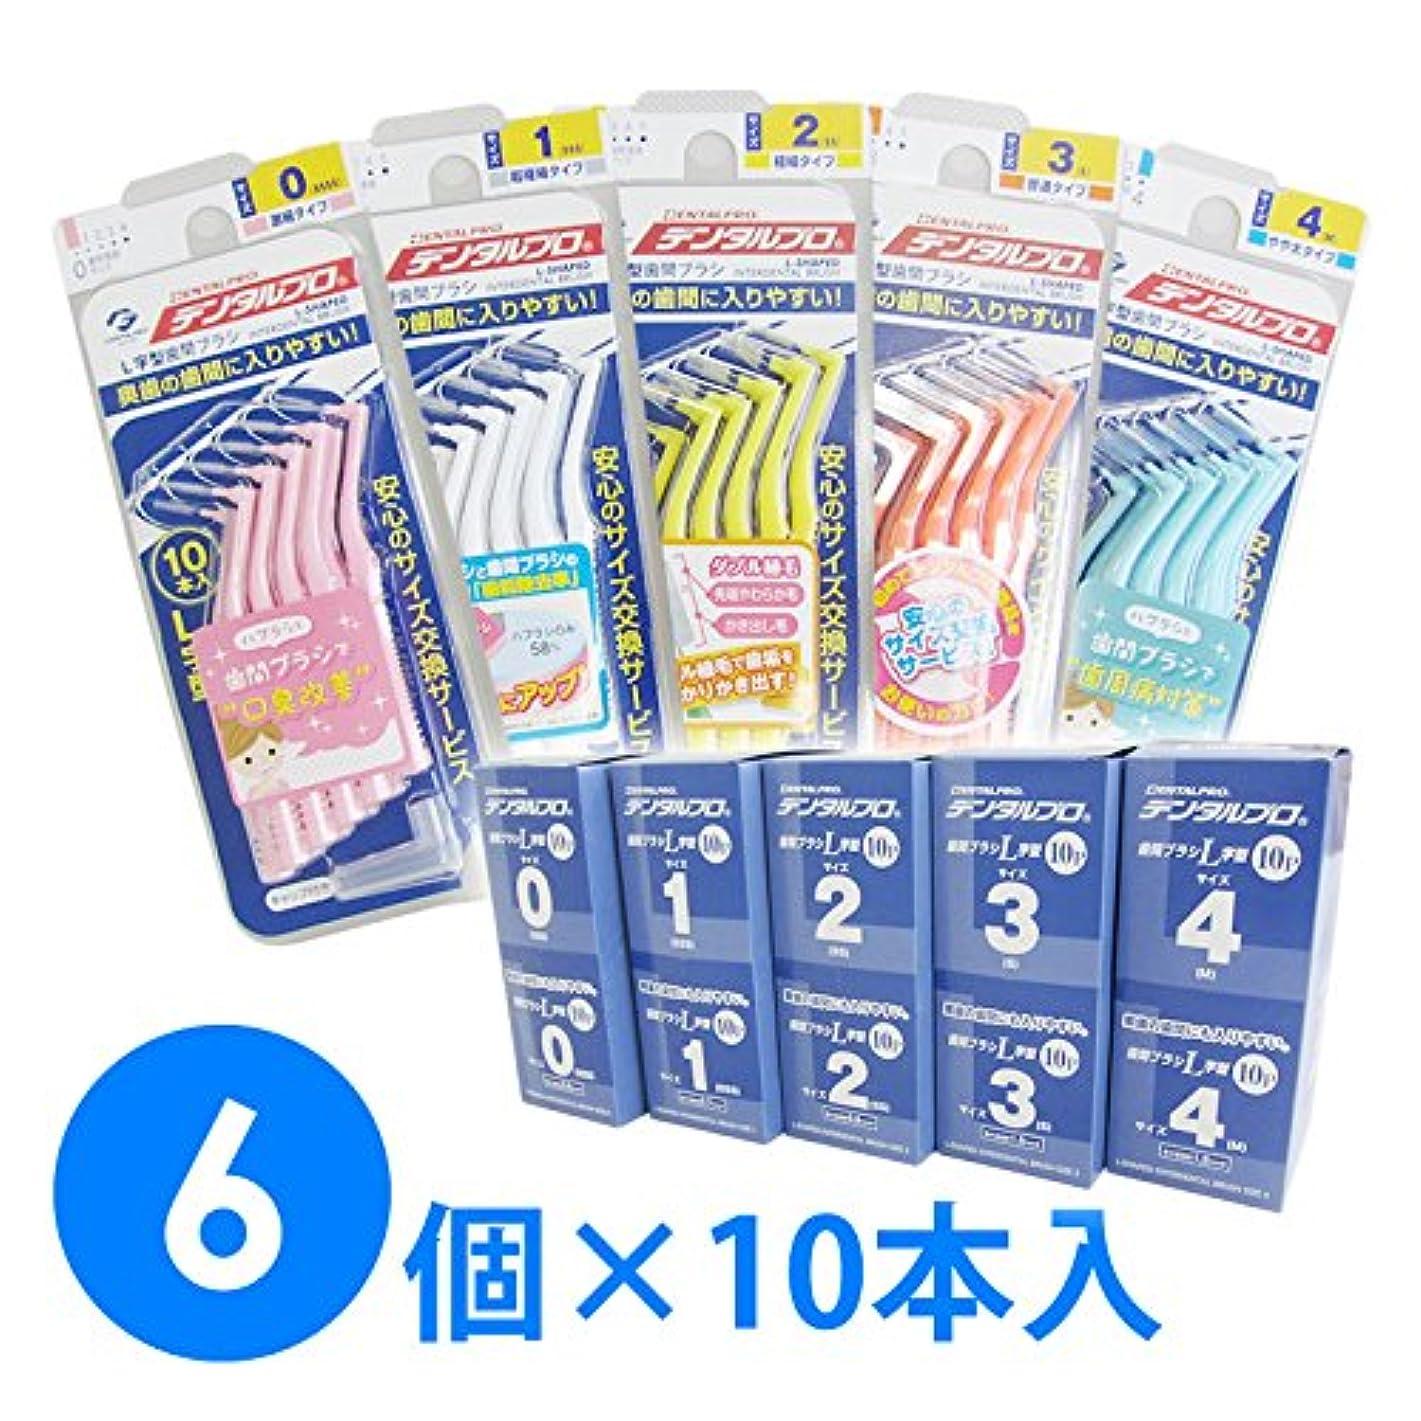 マルコポーロ作成する大脳【6個1箱】デンタルプロ 歯間ブラシL字型 10本入り×6個 (M(4)ブルー)